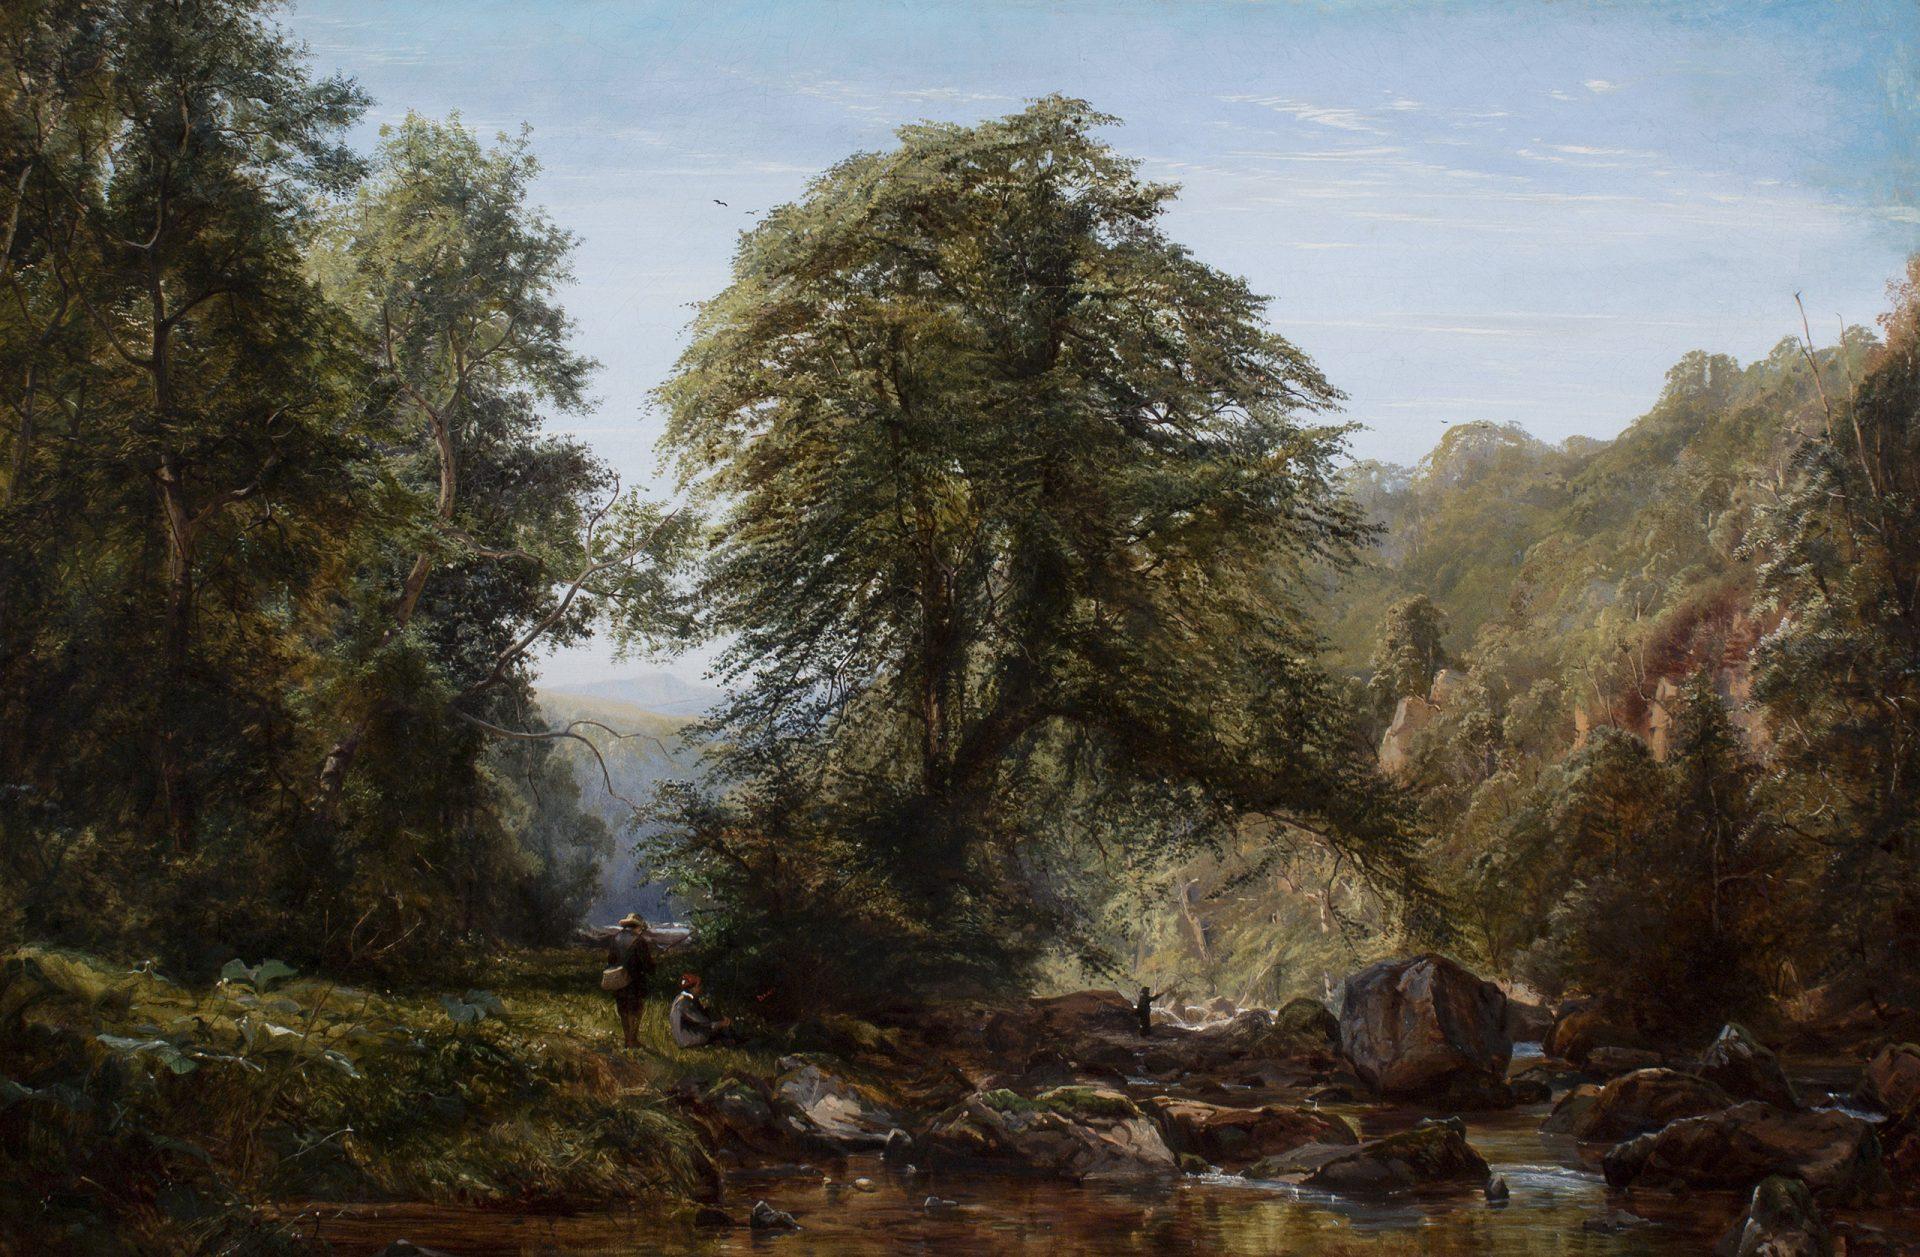 Landscape (John Faulkner)